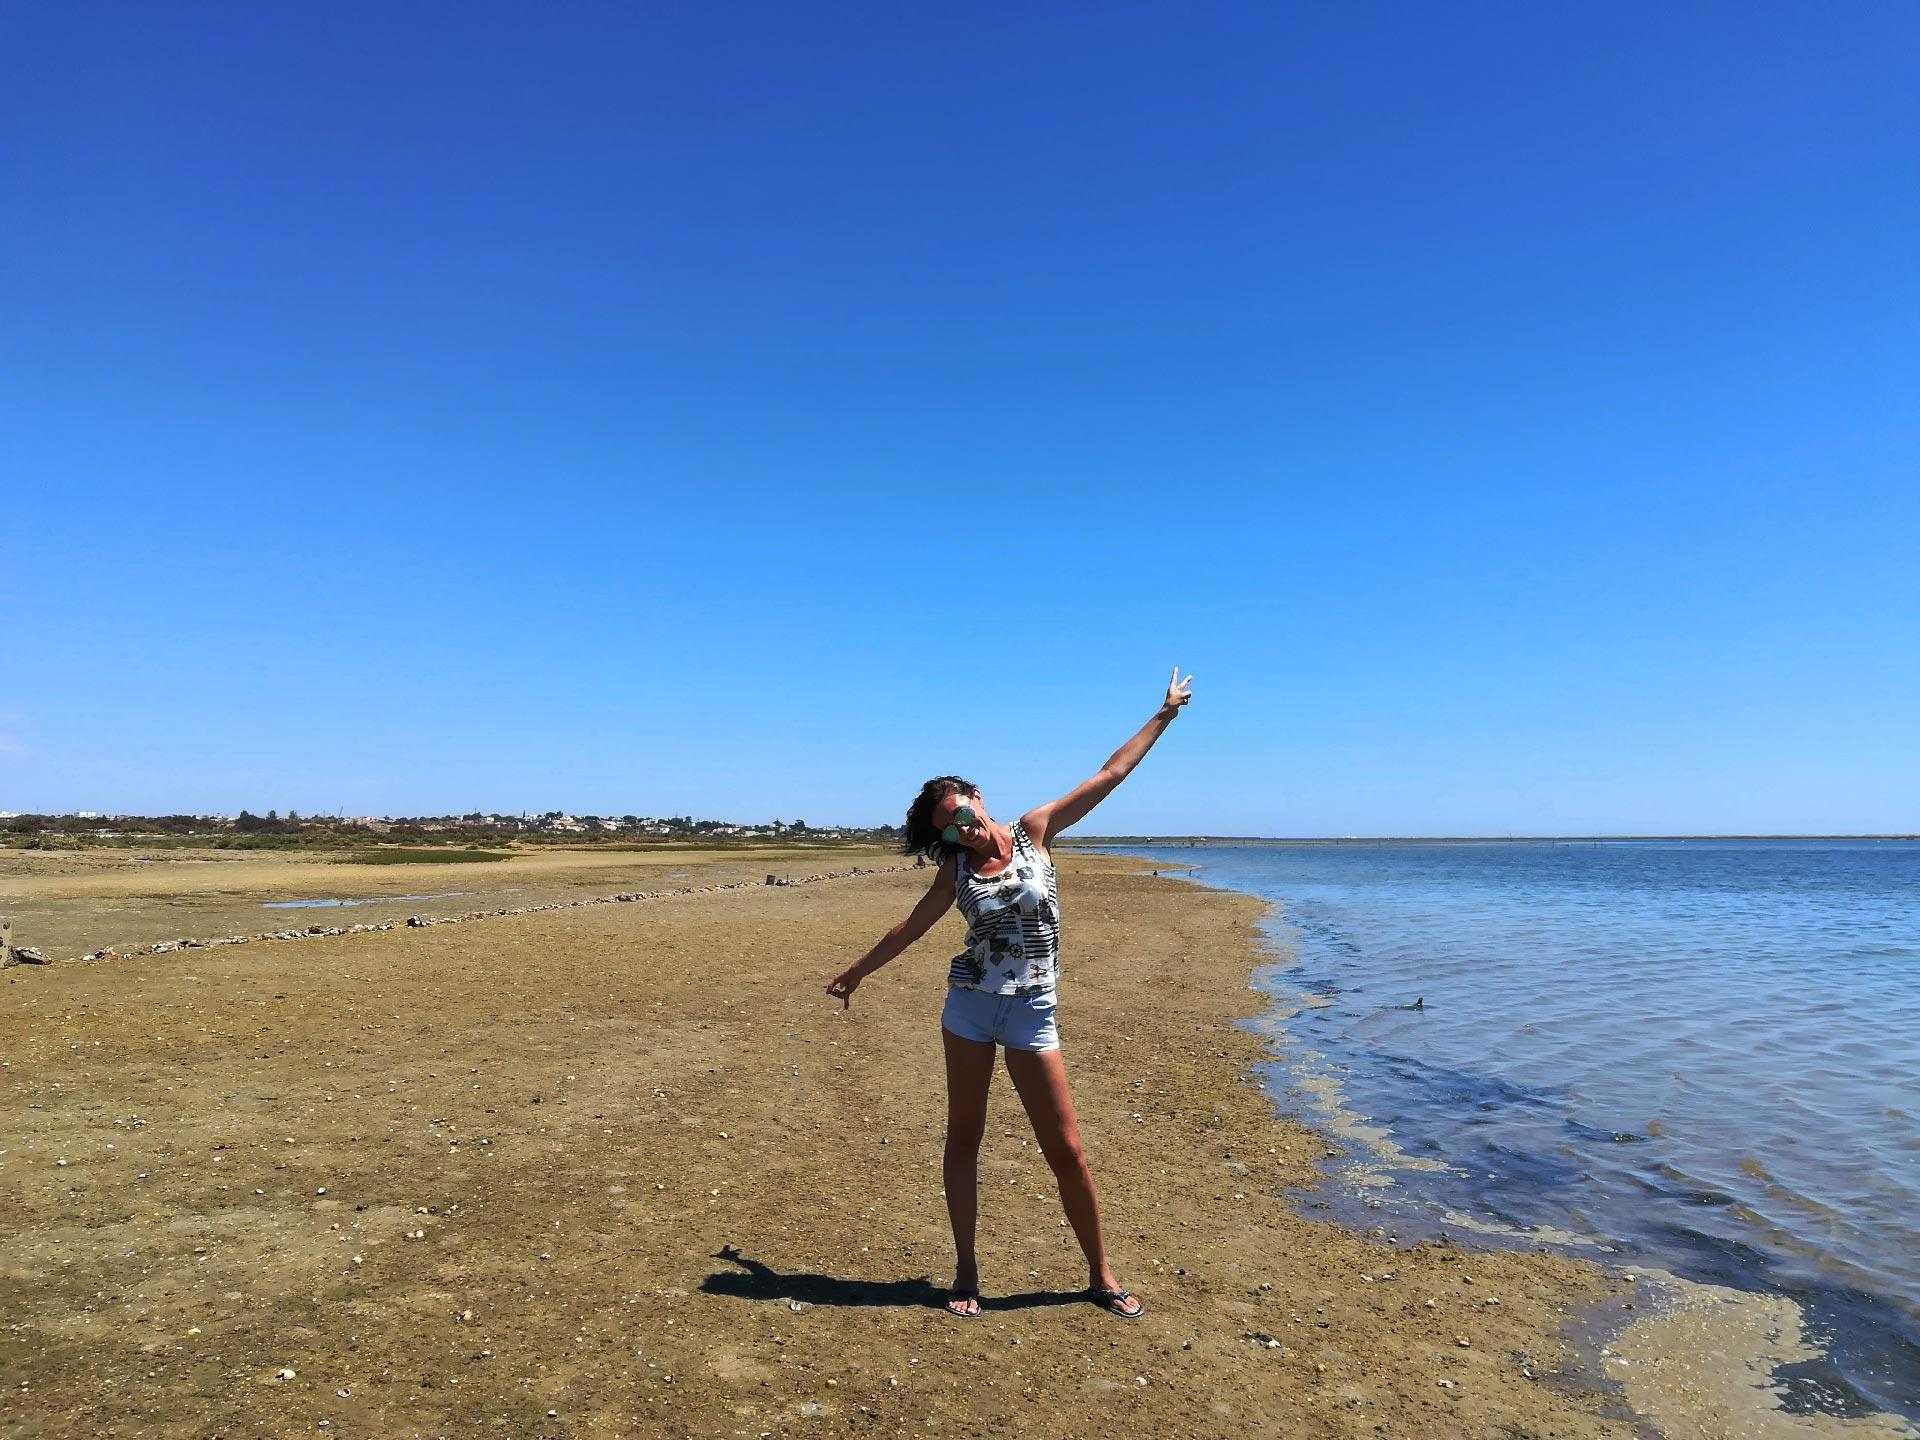 uno scorcio della Riserva Naturale da Ria Formosa (mare-spiaggia), Algarve, Portogallo